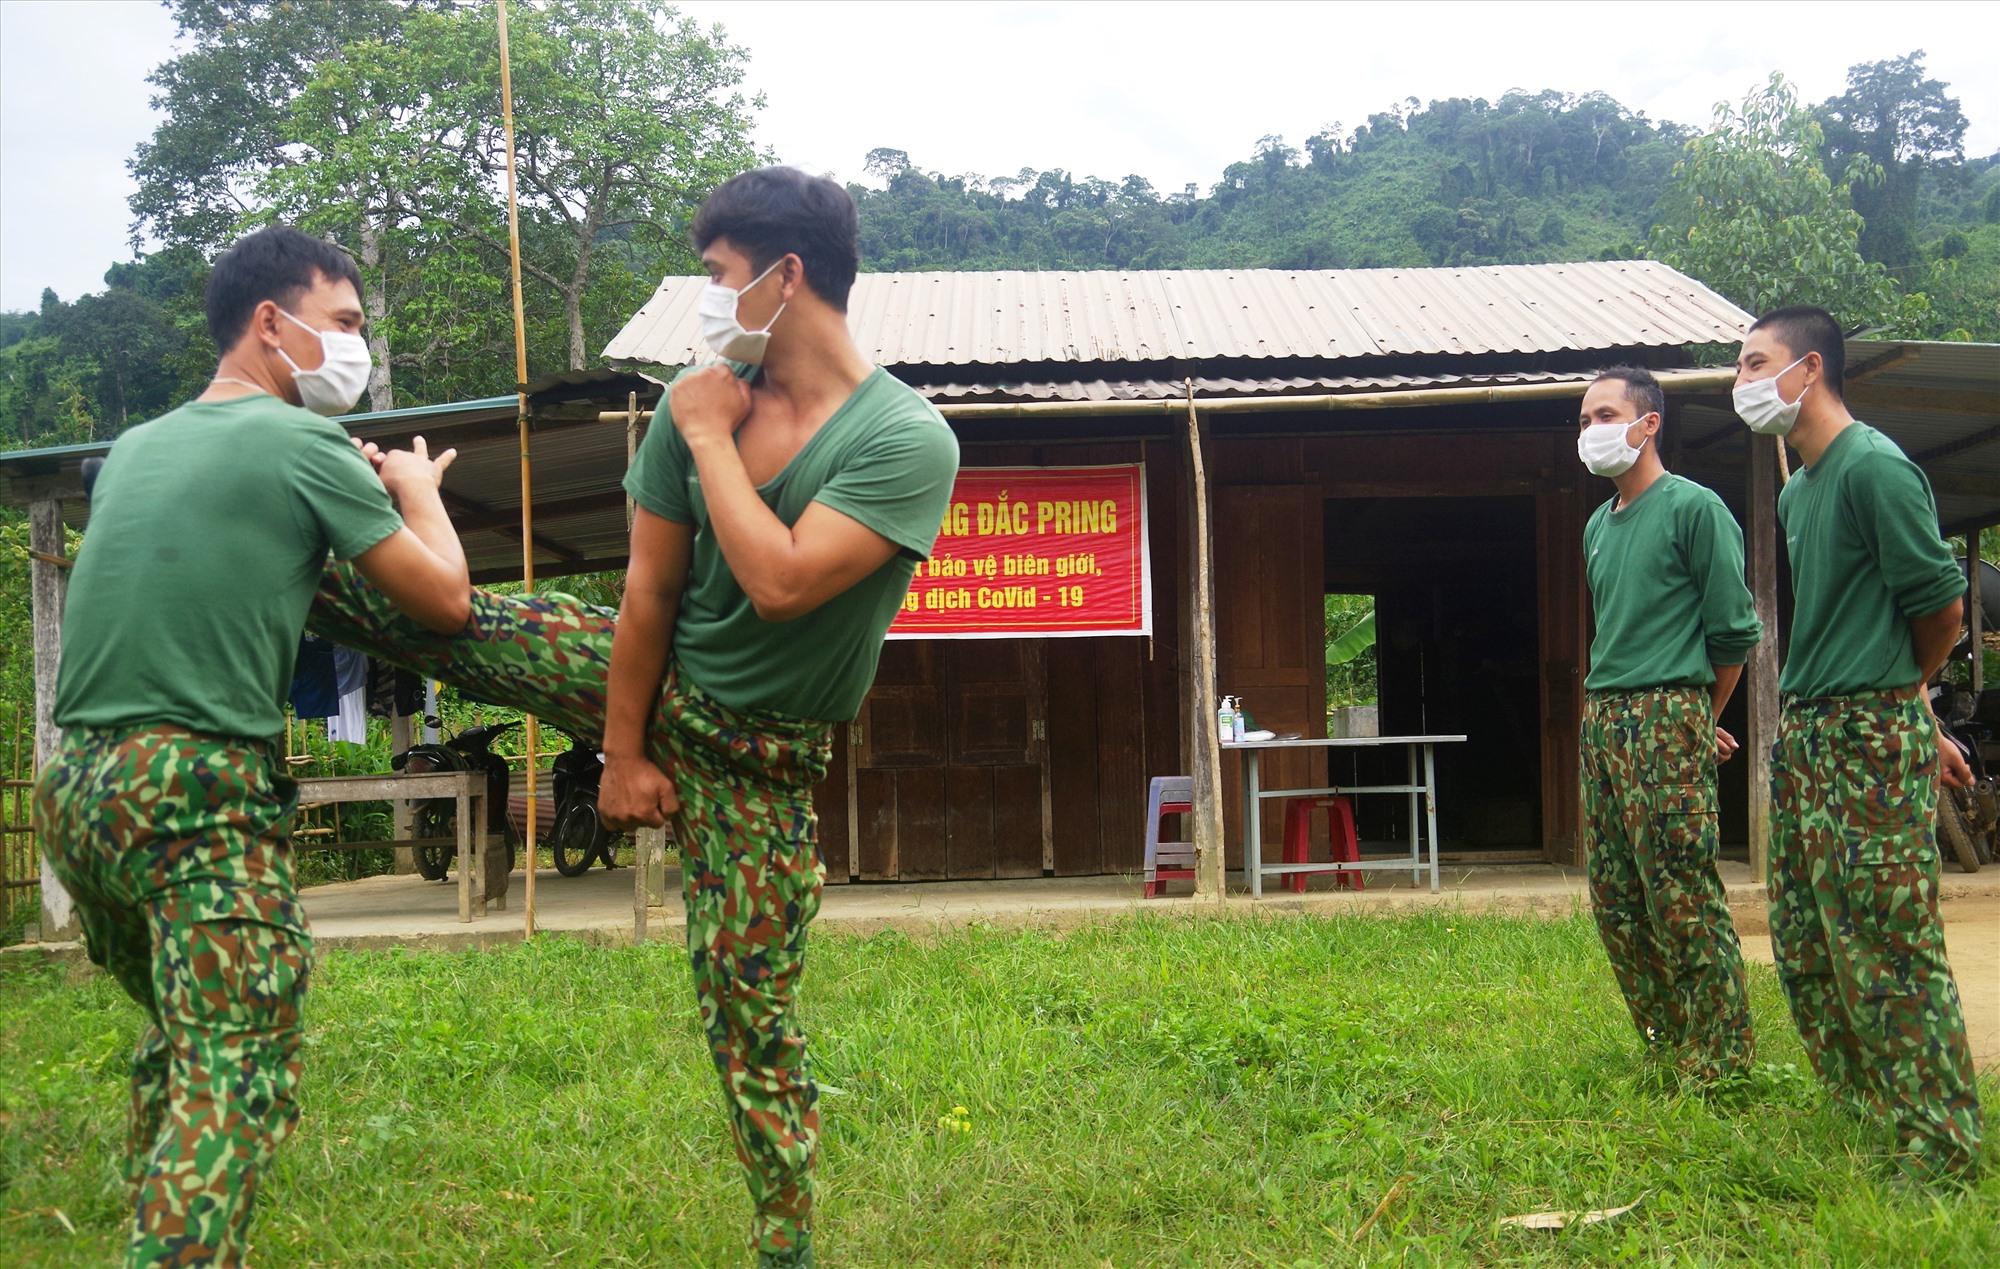 Đều đặn mỗi buổi sáng và chiều, các chiến sĩ rèn luyện thân thể, có sức khỏe tiếp tục hoàn thành tốt nhiệm vụ. Ảnh: T.N